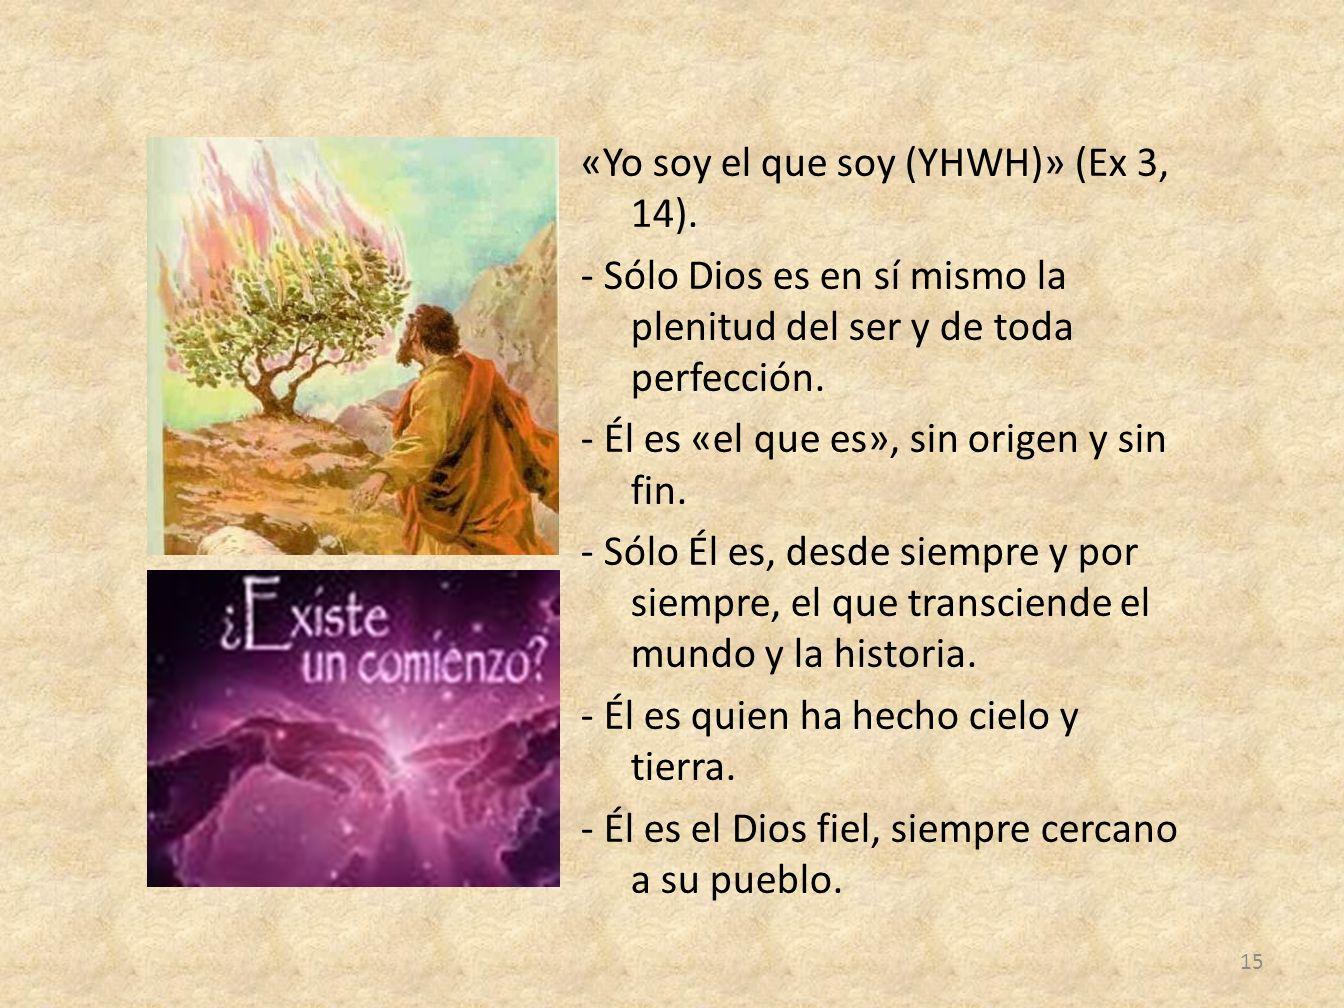 «Yo soy el que soy (YHWH)» (Ex 3, 14). - Sólo Dios es en sí mismo la plenitud del ser y de toda perfección. - Él es «el que es», sin origen y sin fin.